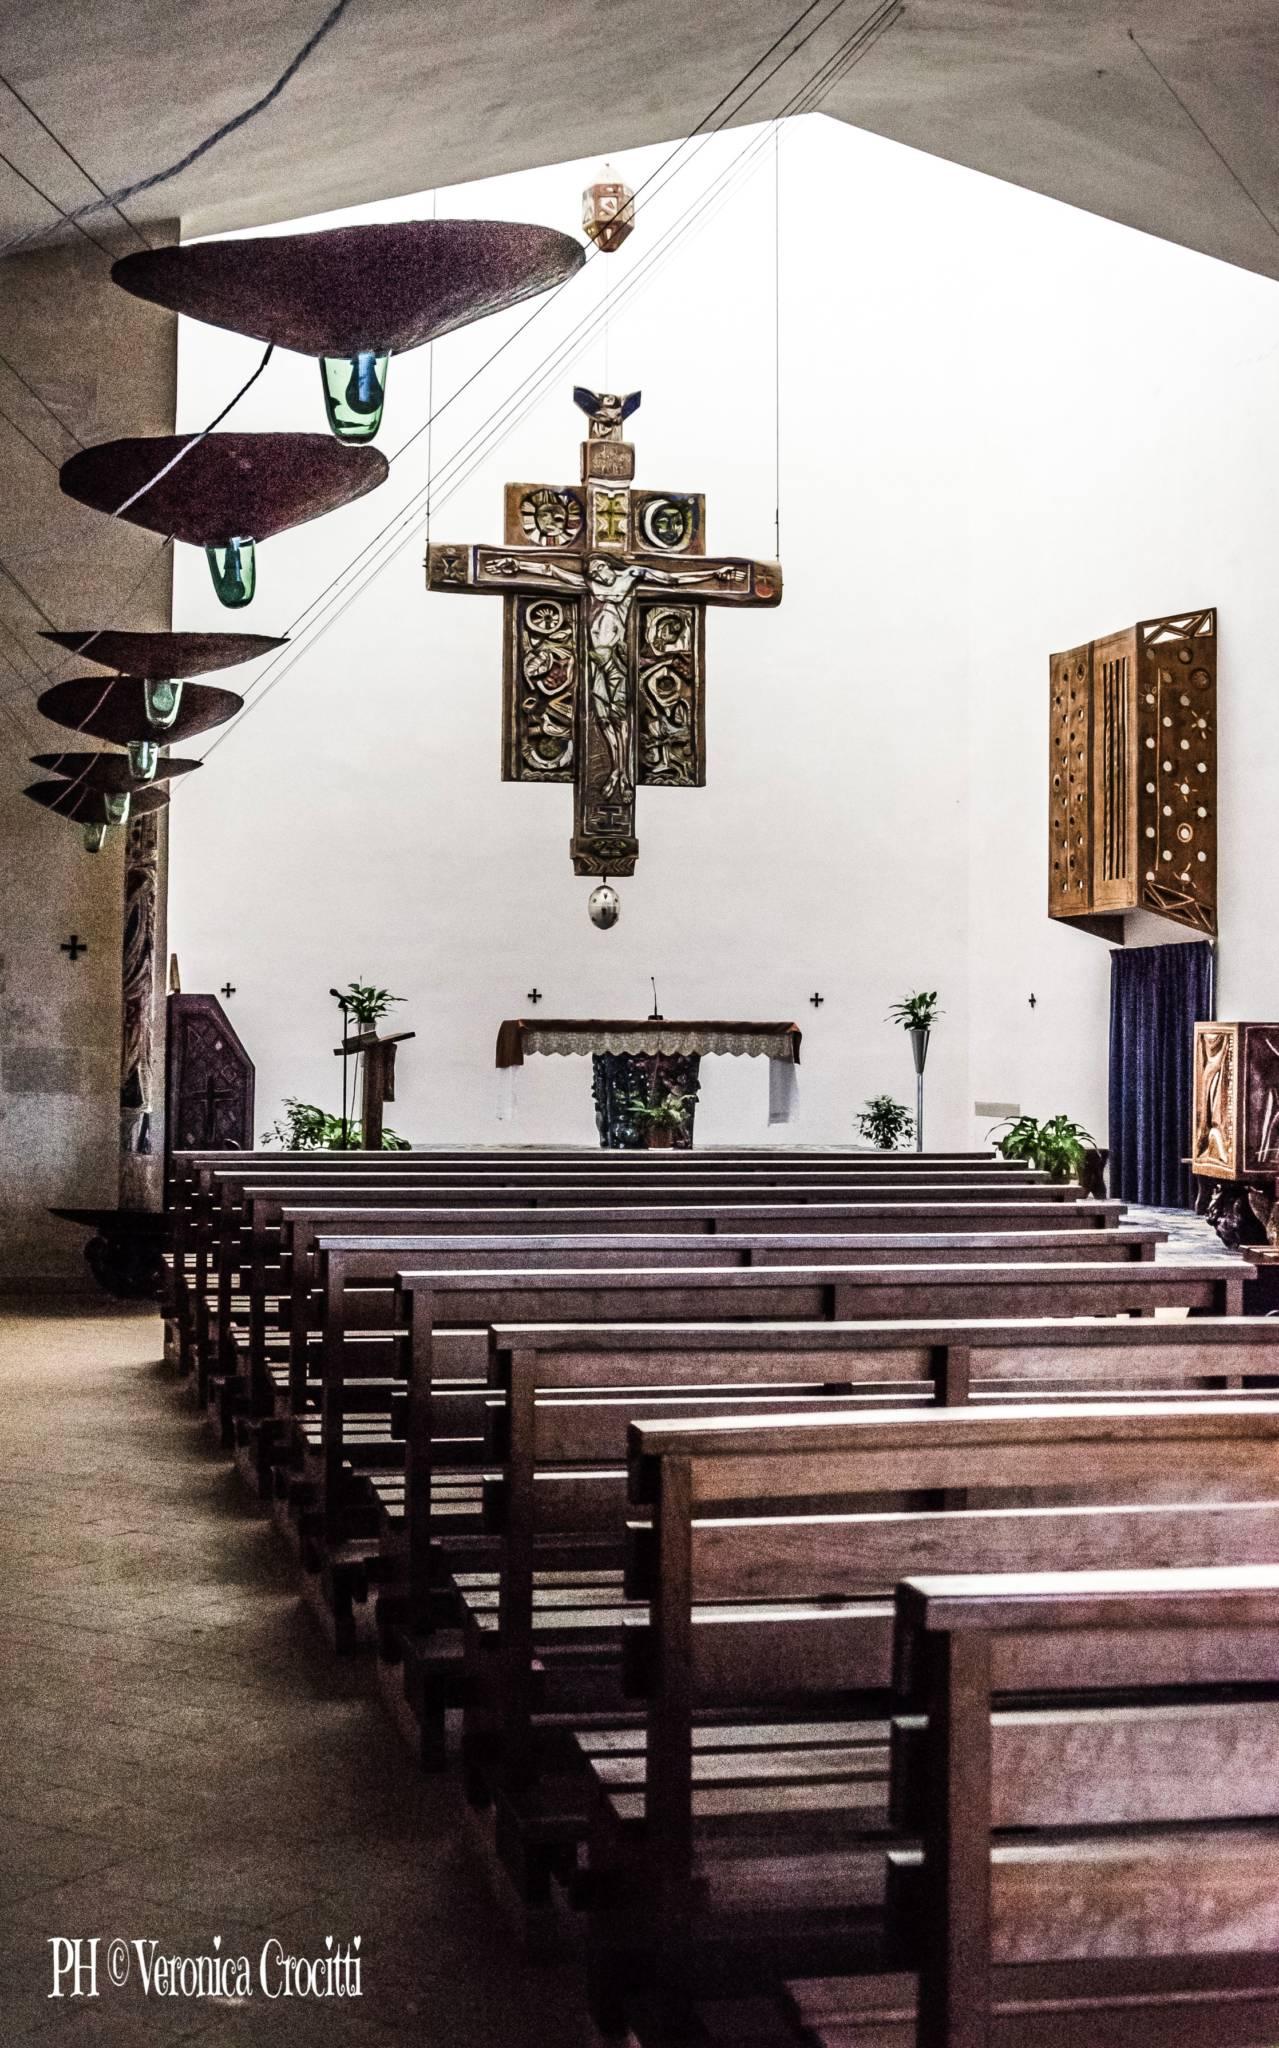 Parrocchia San Vincenzo De Paoli, La Martella. Matera, Città dei Sassi (Basilicata - Italia)